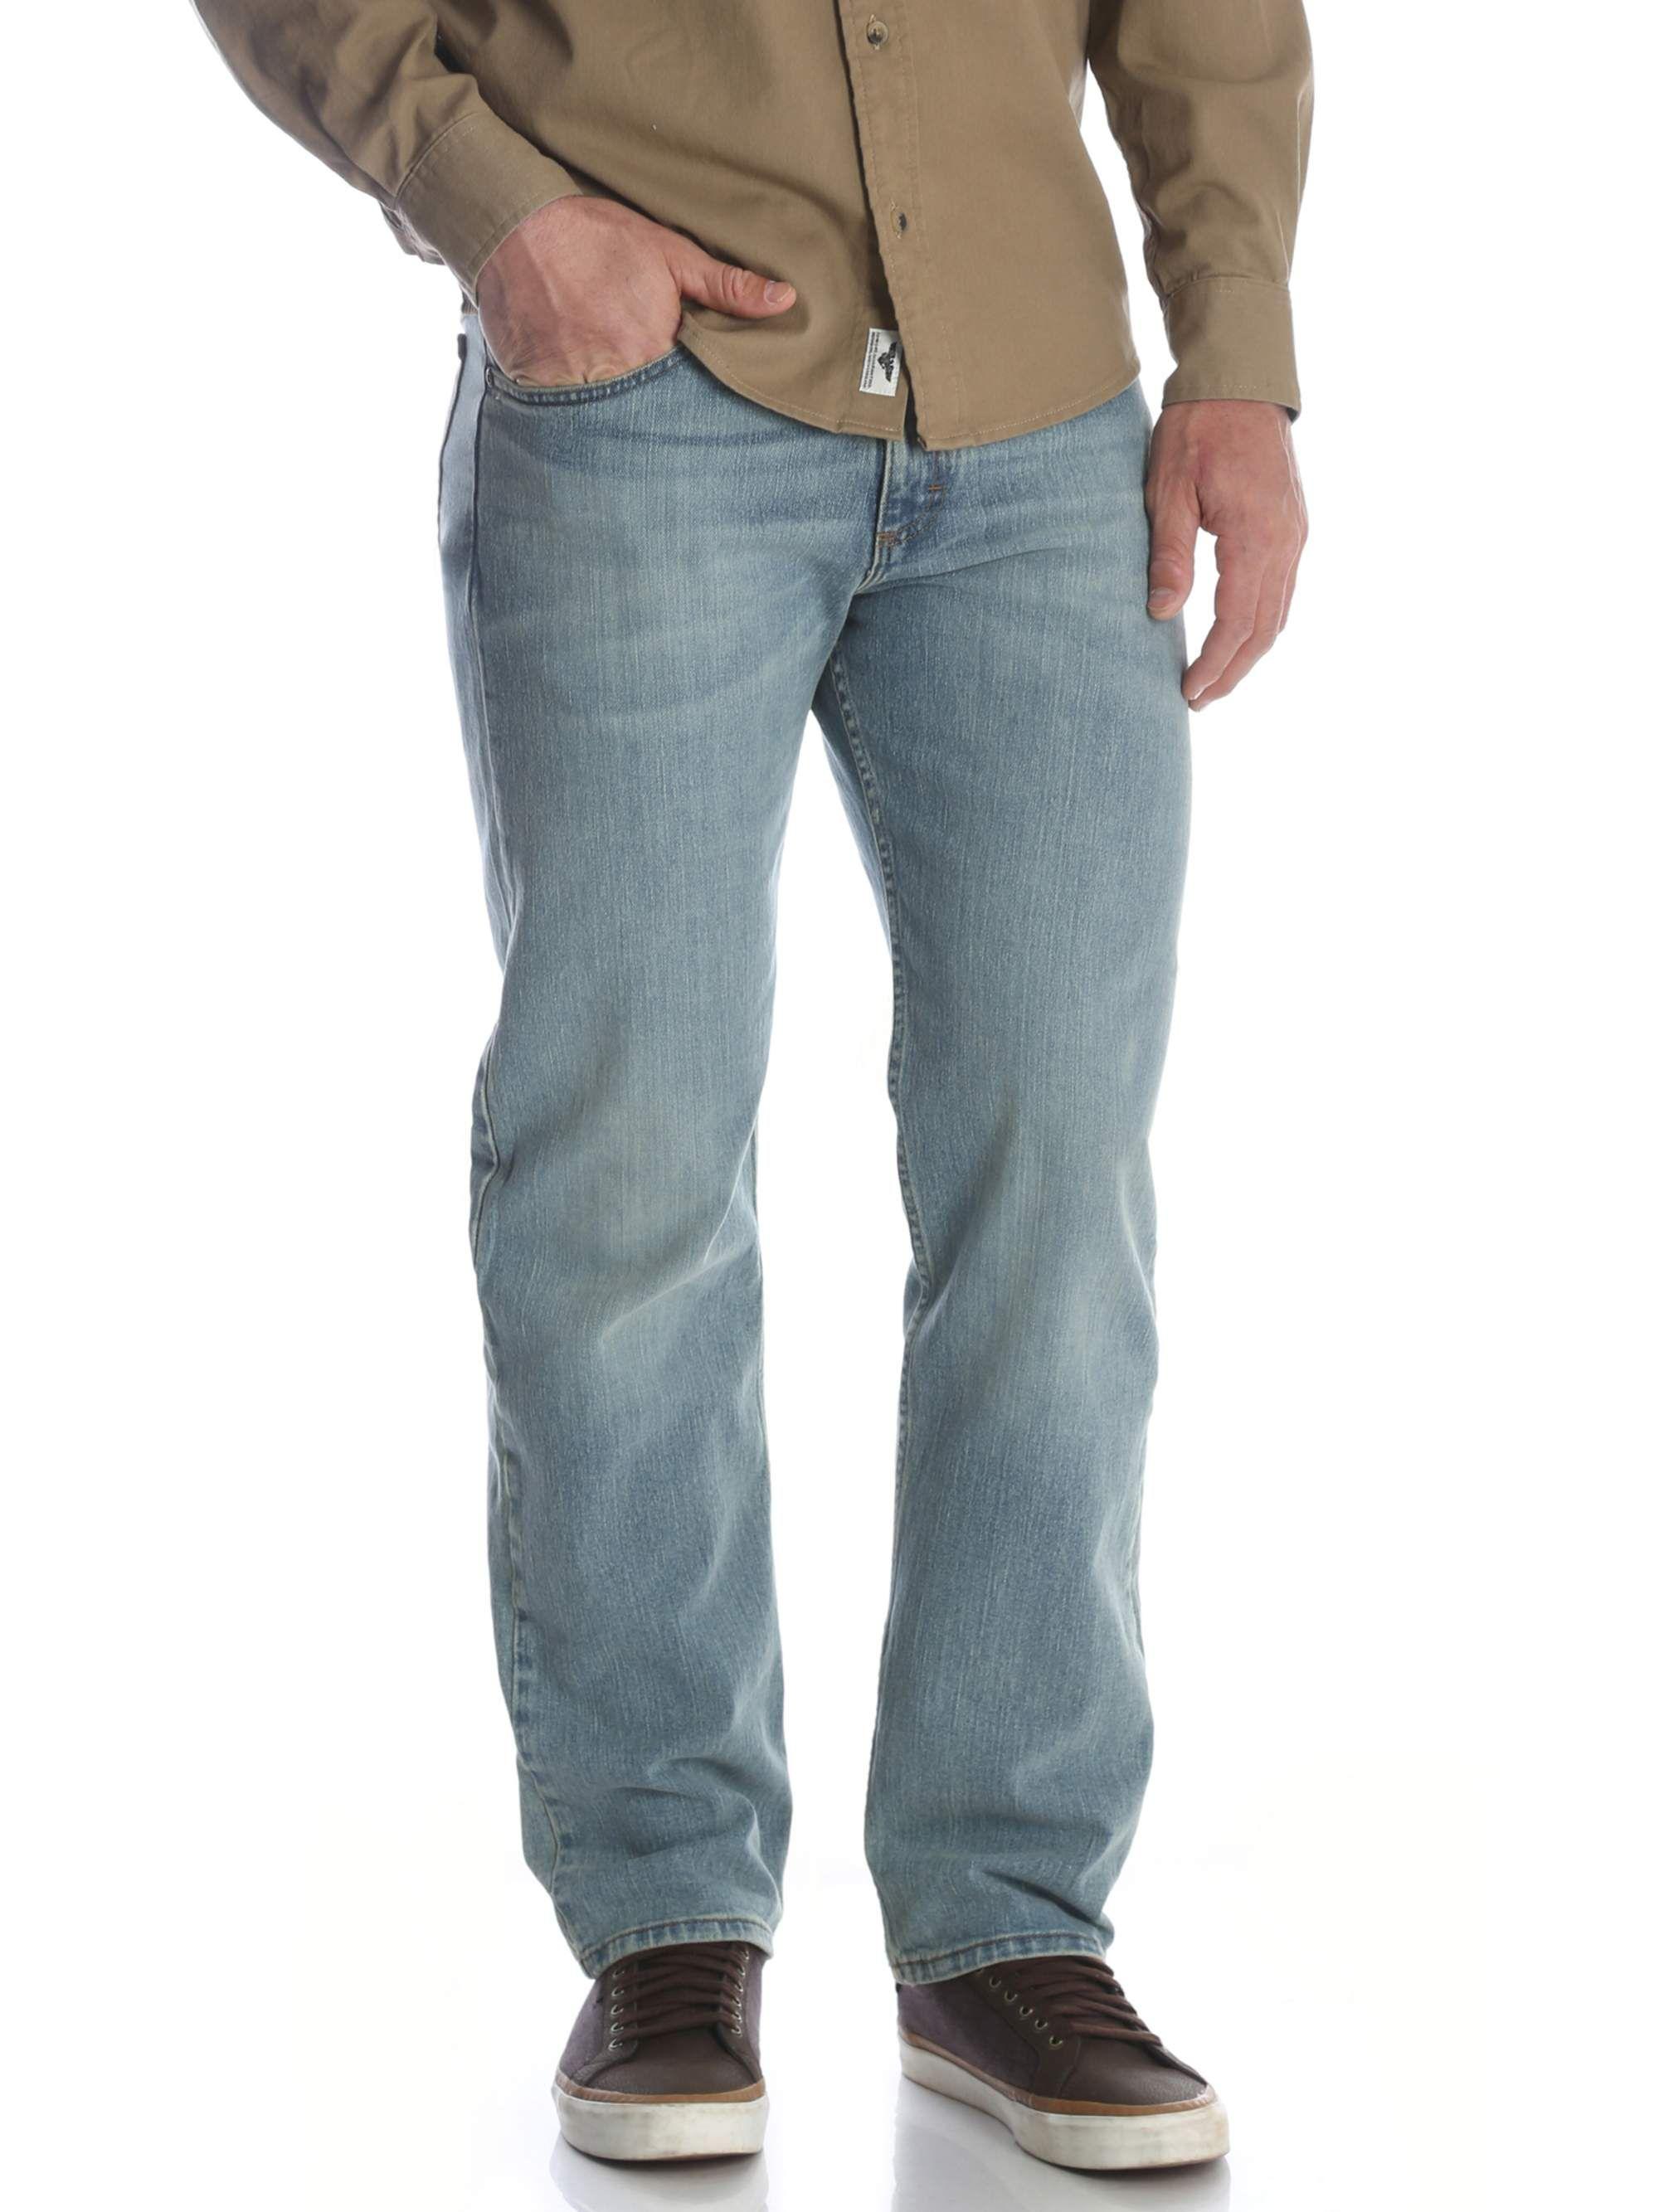 af1c217f Wrangler Men's 5 Star Relaxed Fit Jean with Flex#Star, #Men, #Wrangler